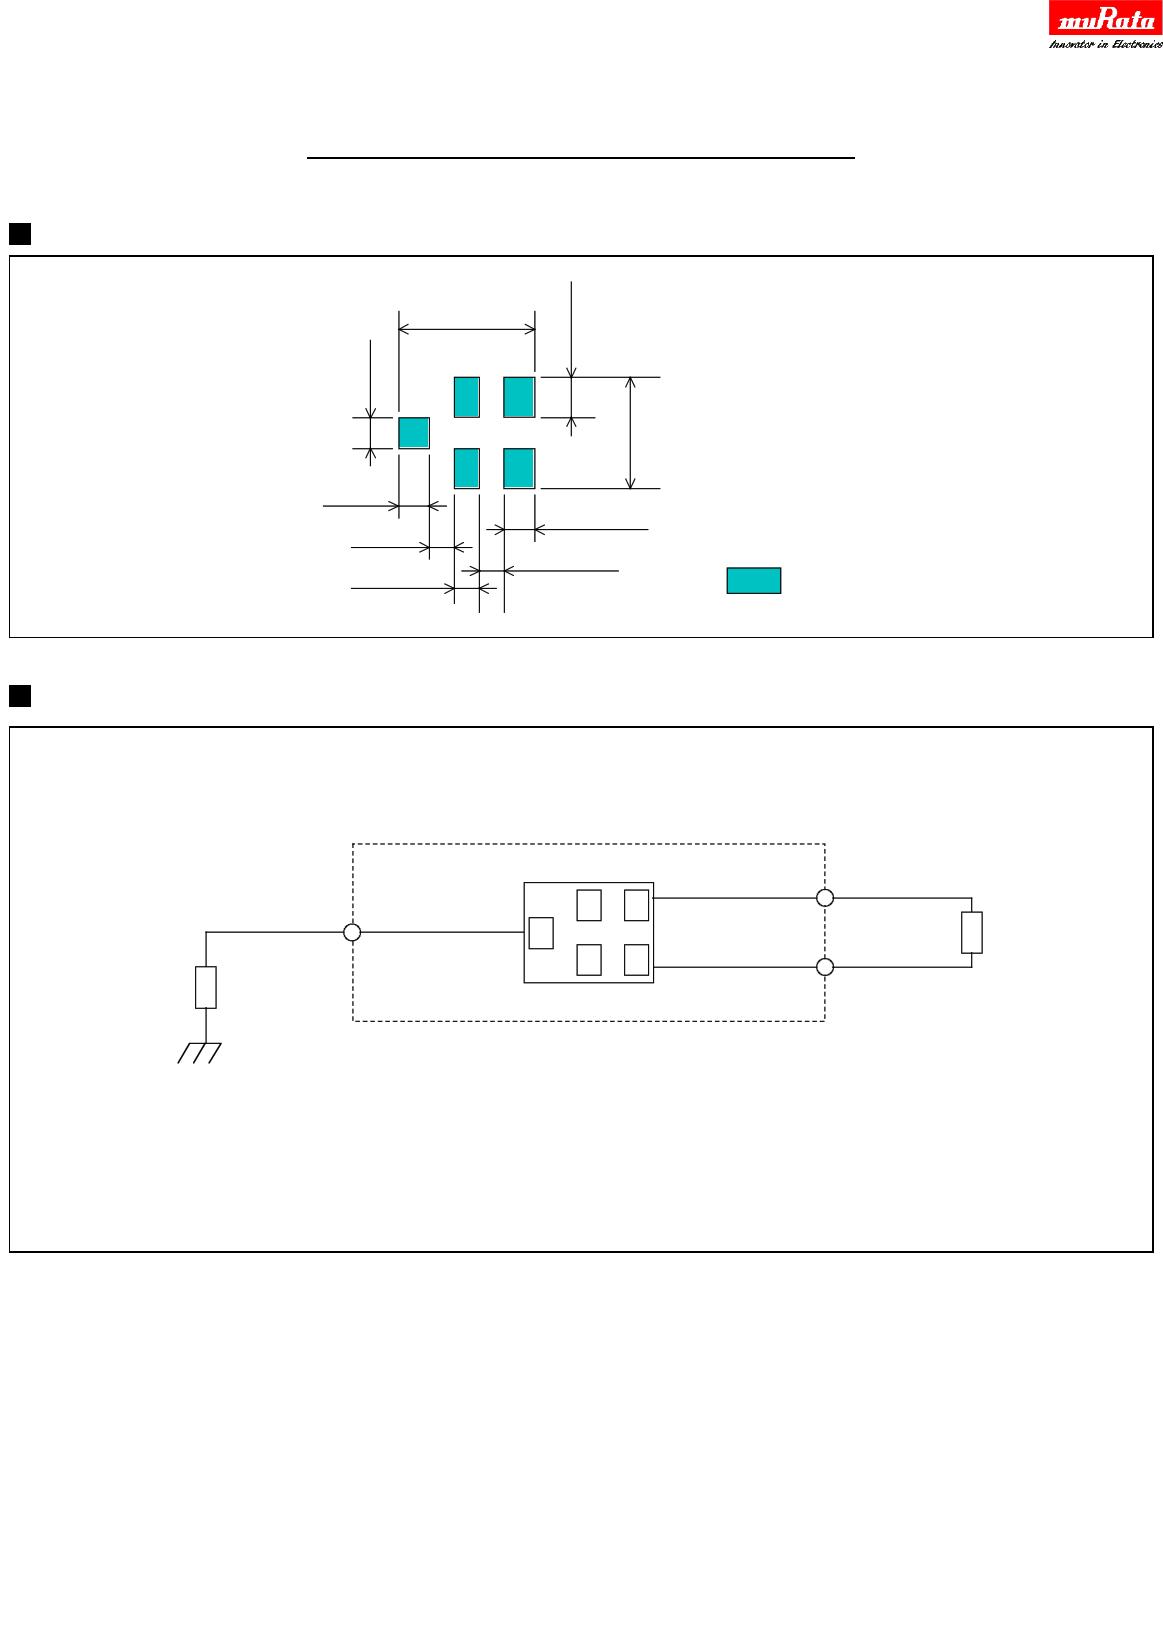 SAFFB1G50FL0F0A pdf, 반도체, 판매, 대치품